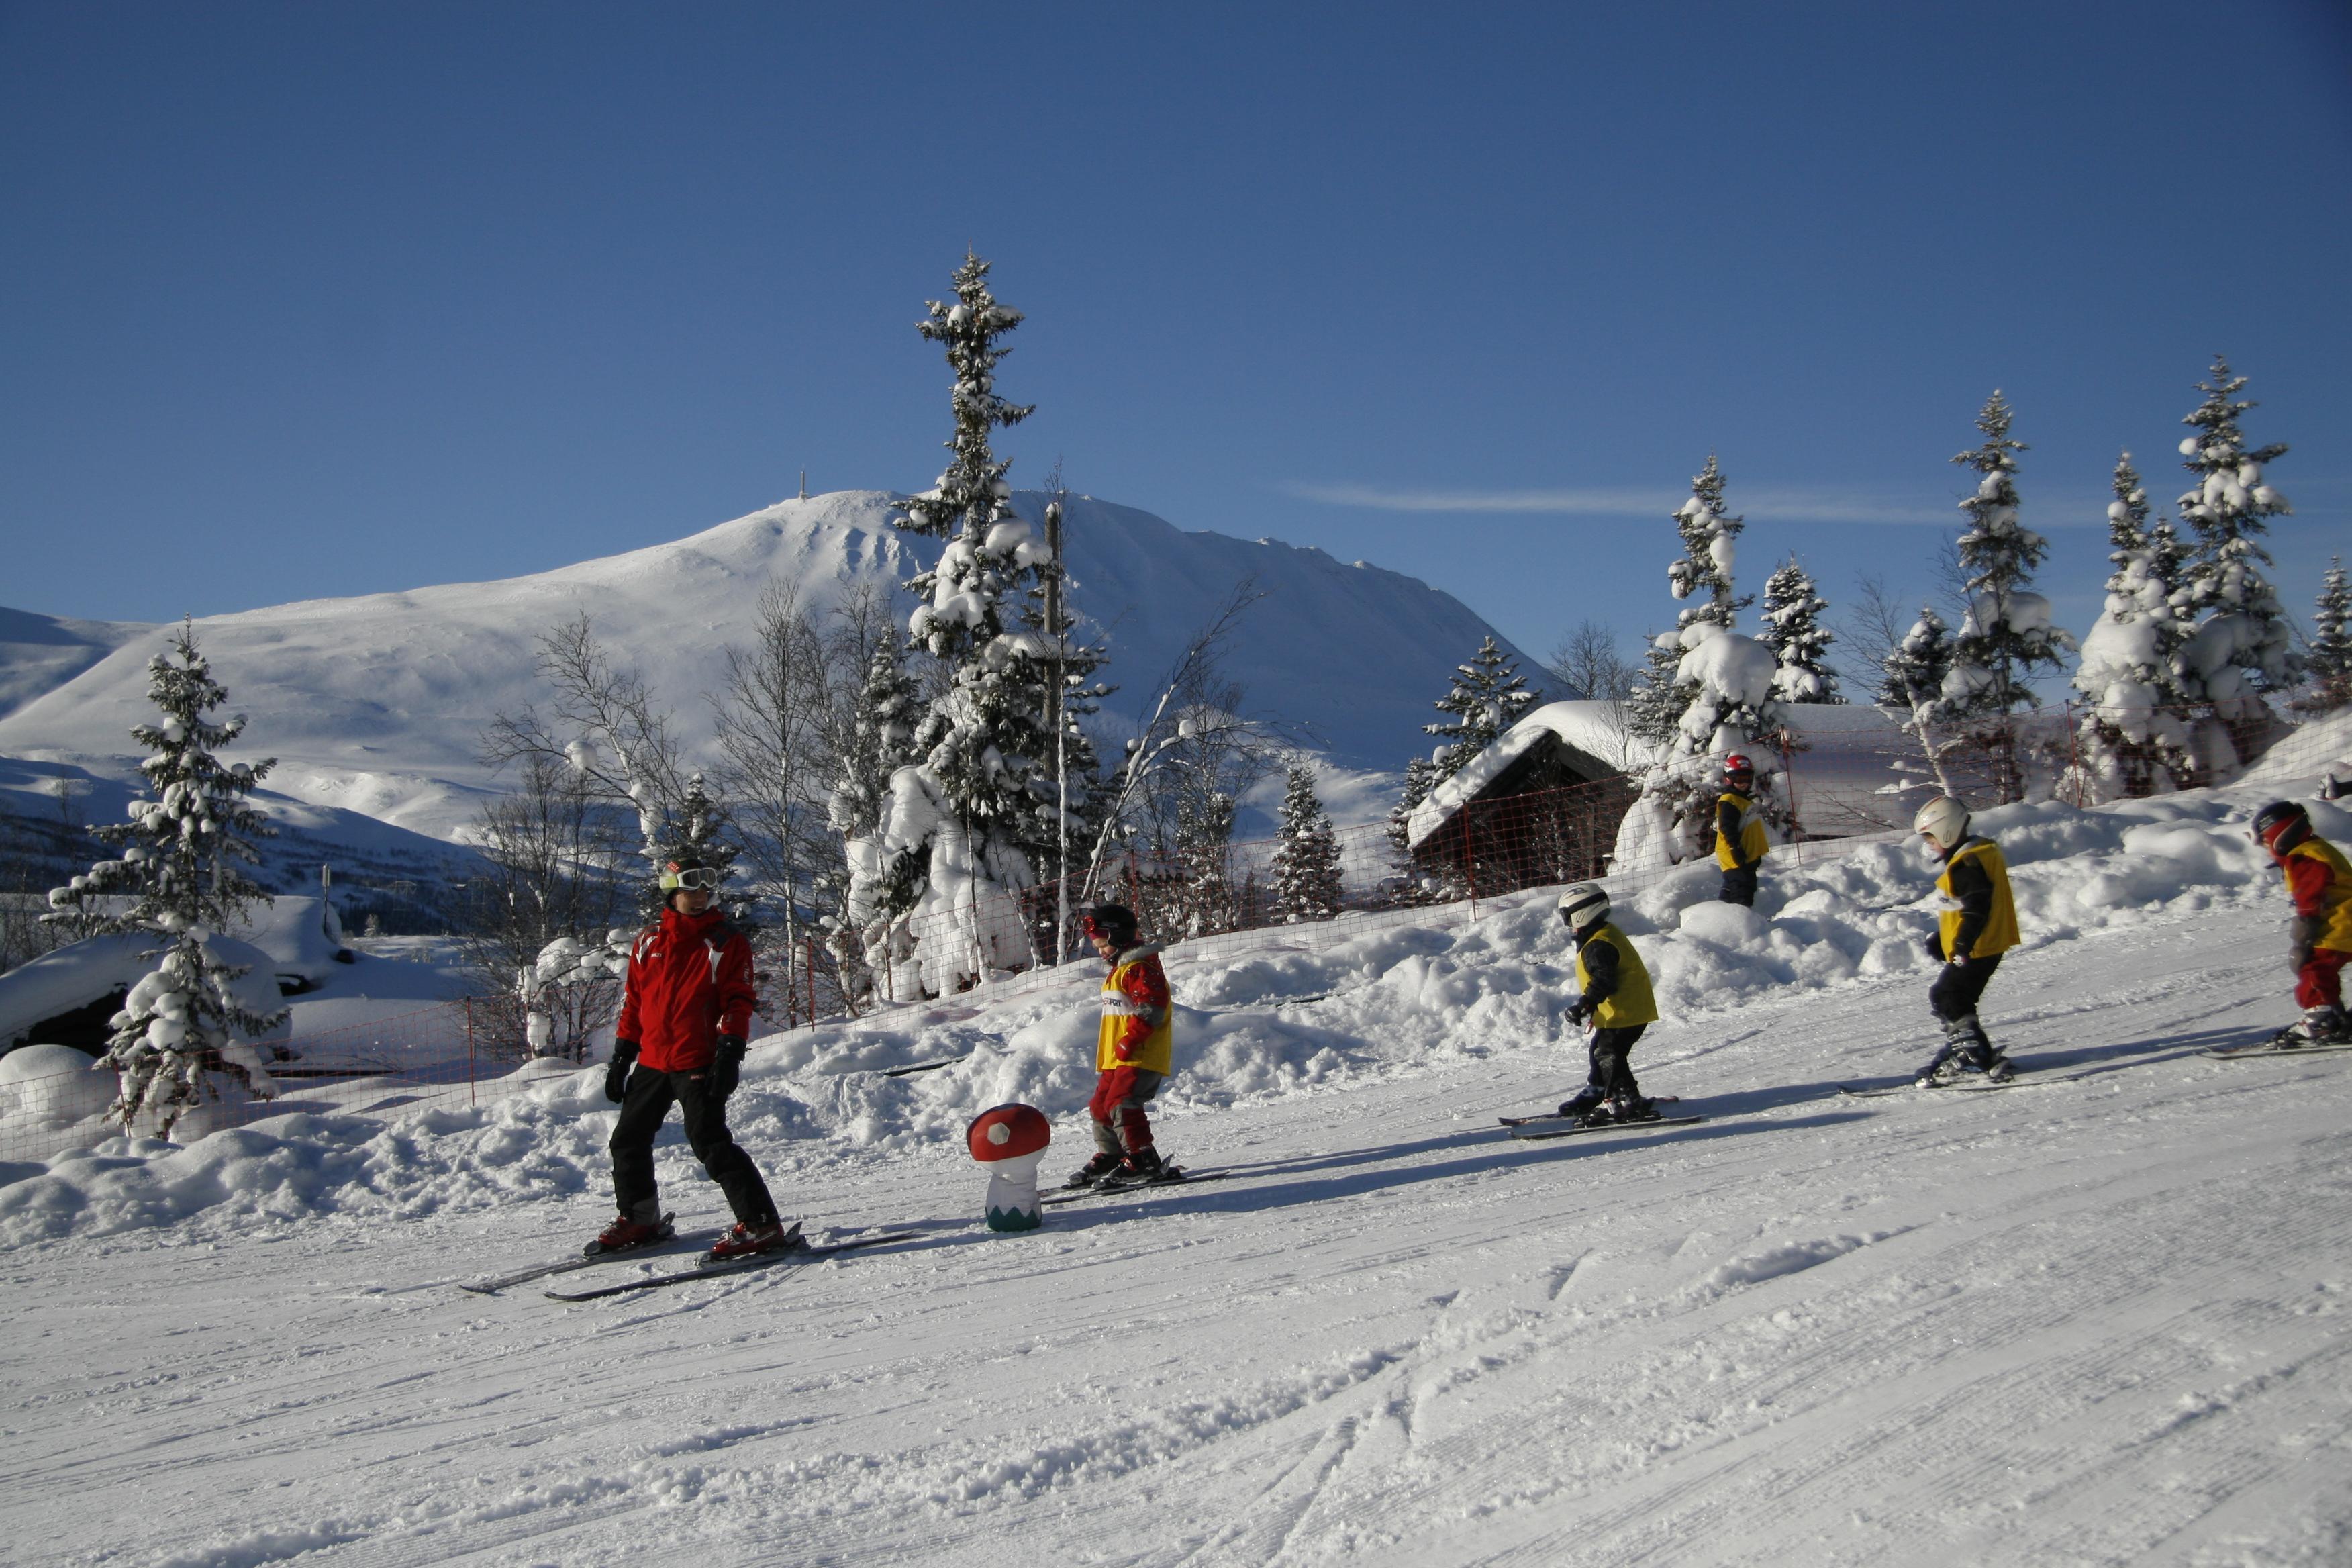 Gaustablikk Skisenter tilbyr noe for de fleste. Det være seg barnfamilier, snowboardere, alpinister og de som liker off piste, © Britt Svartdal